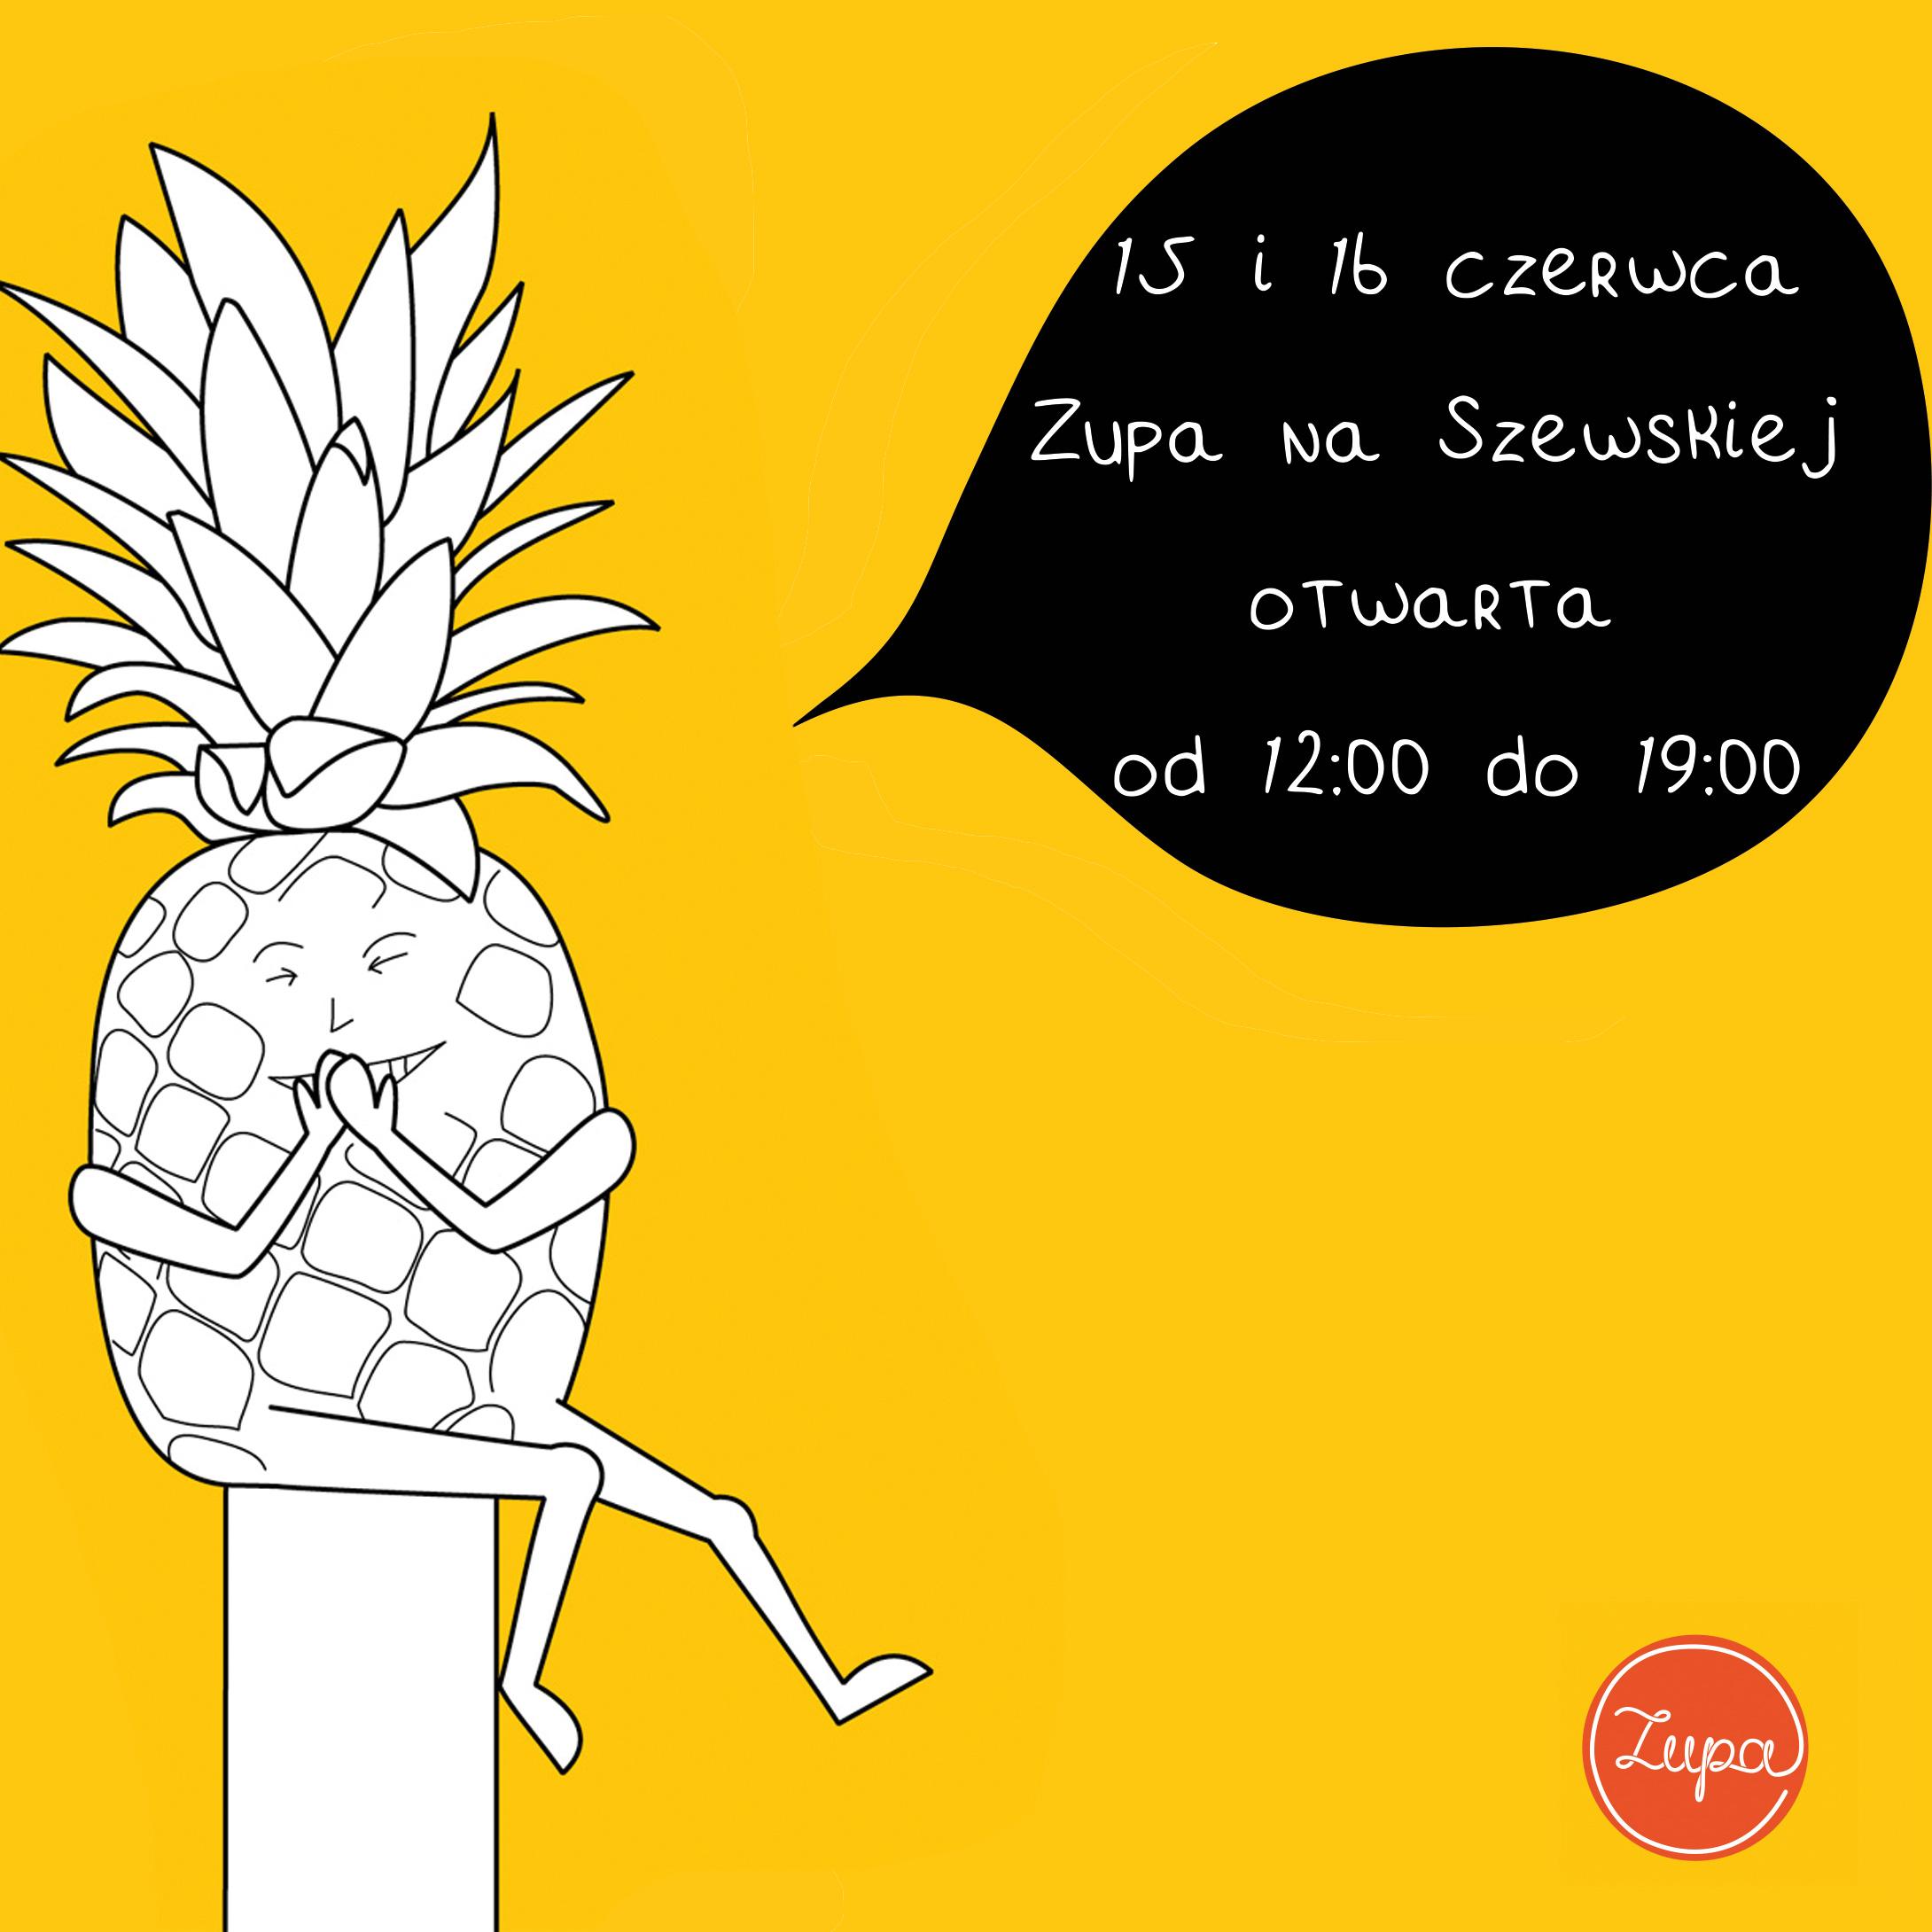 Boze_cialo_ananas